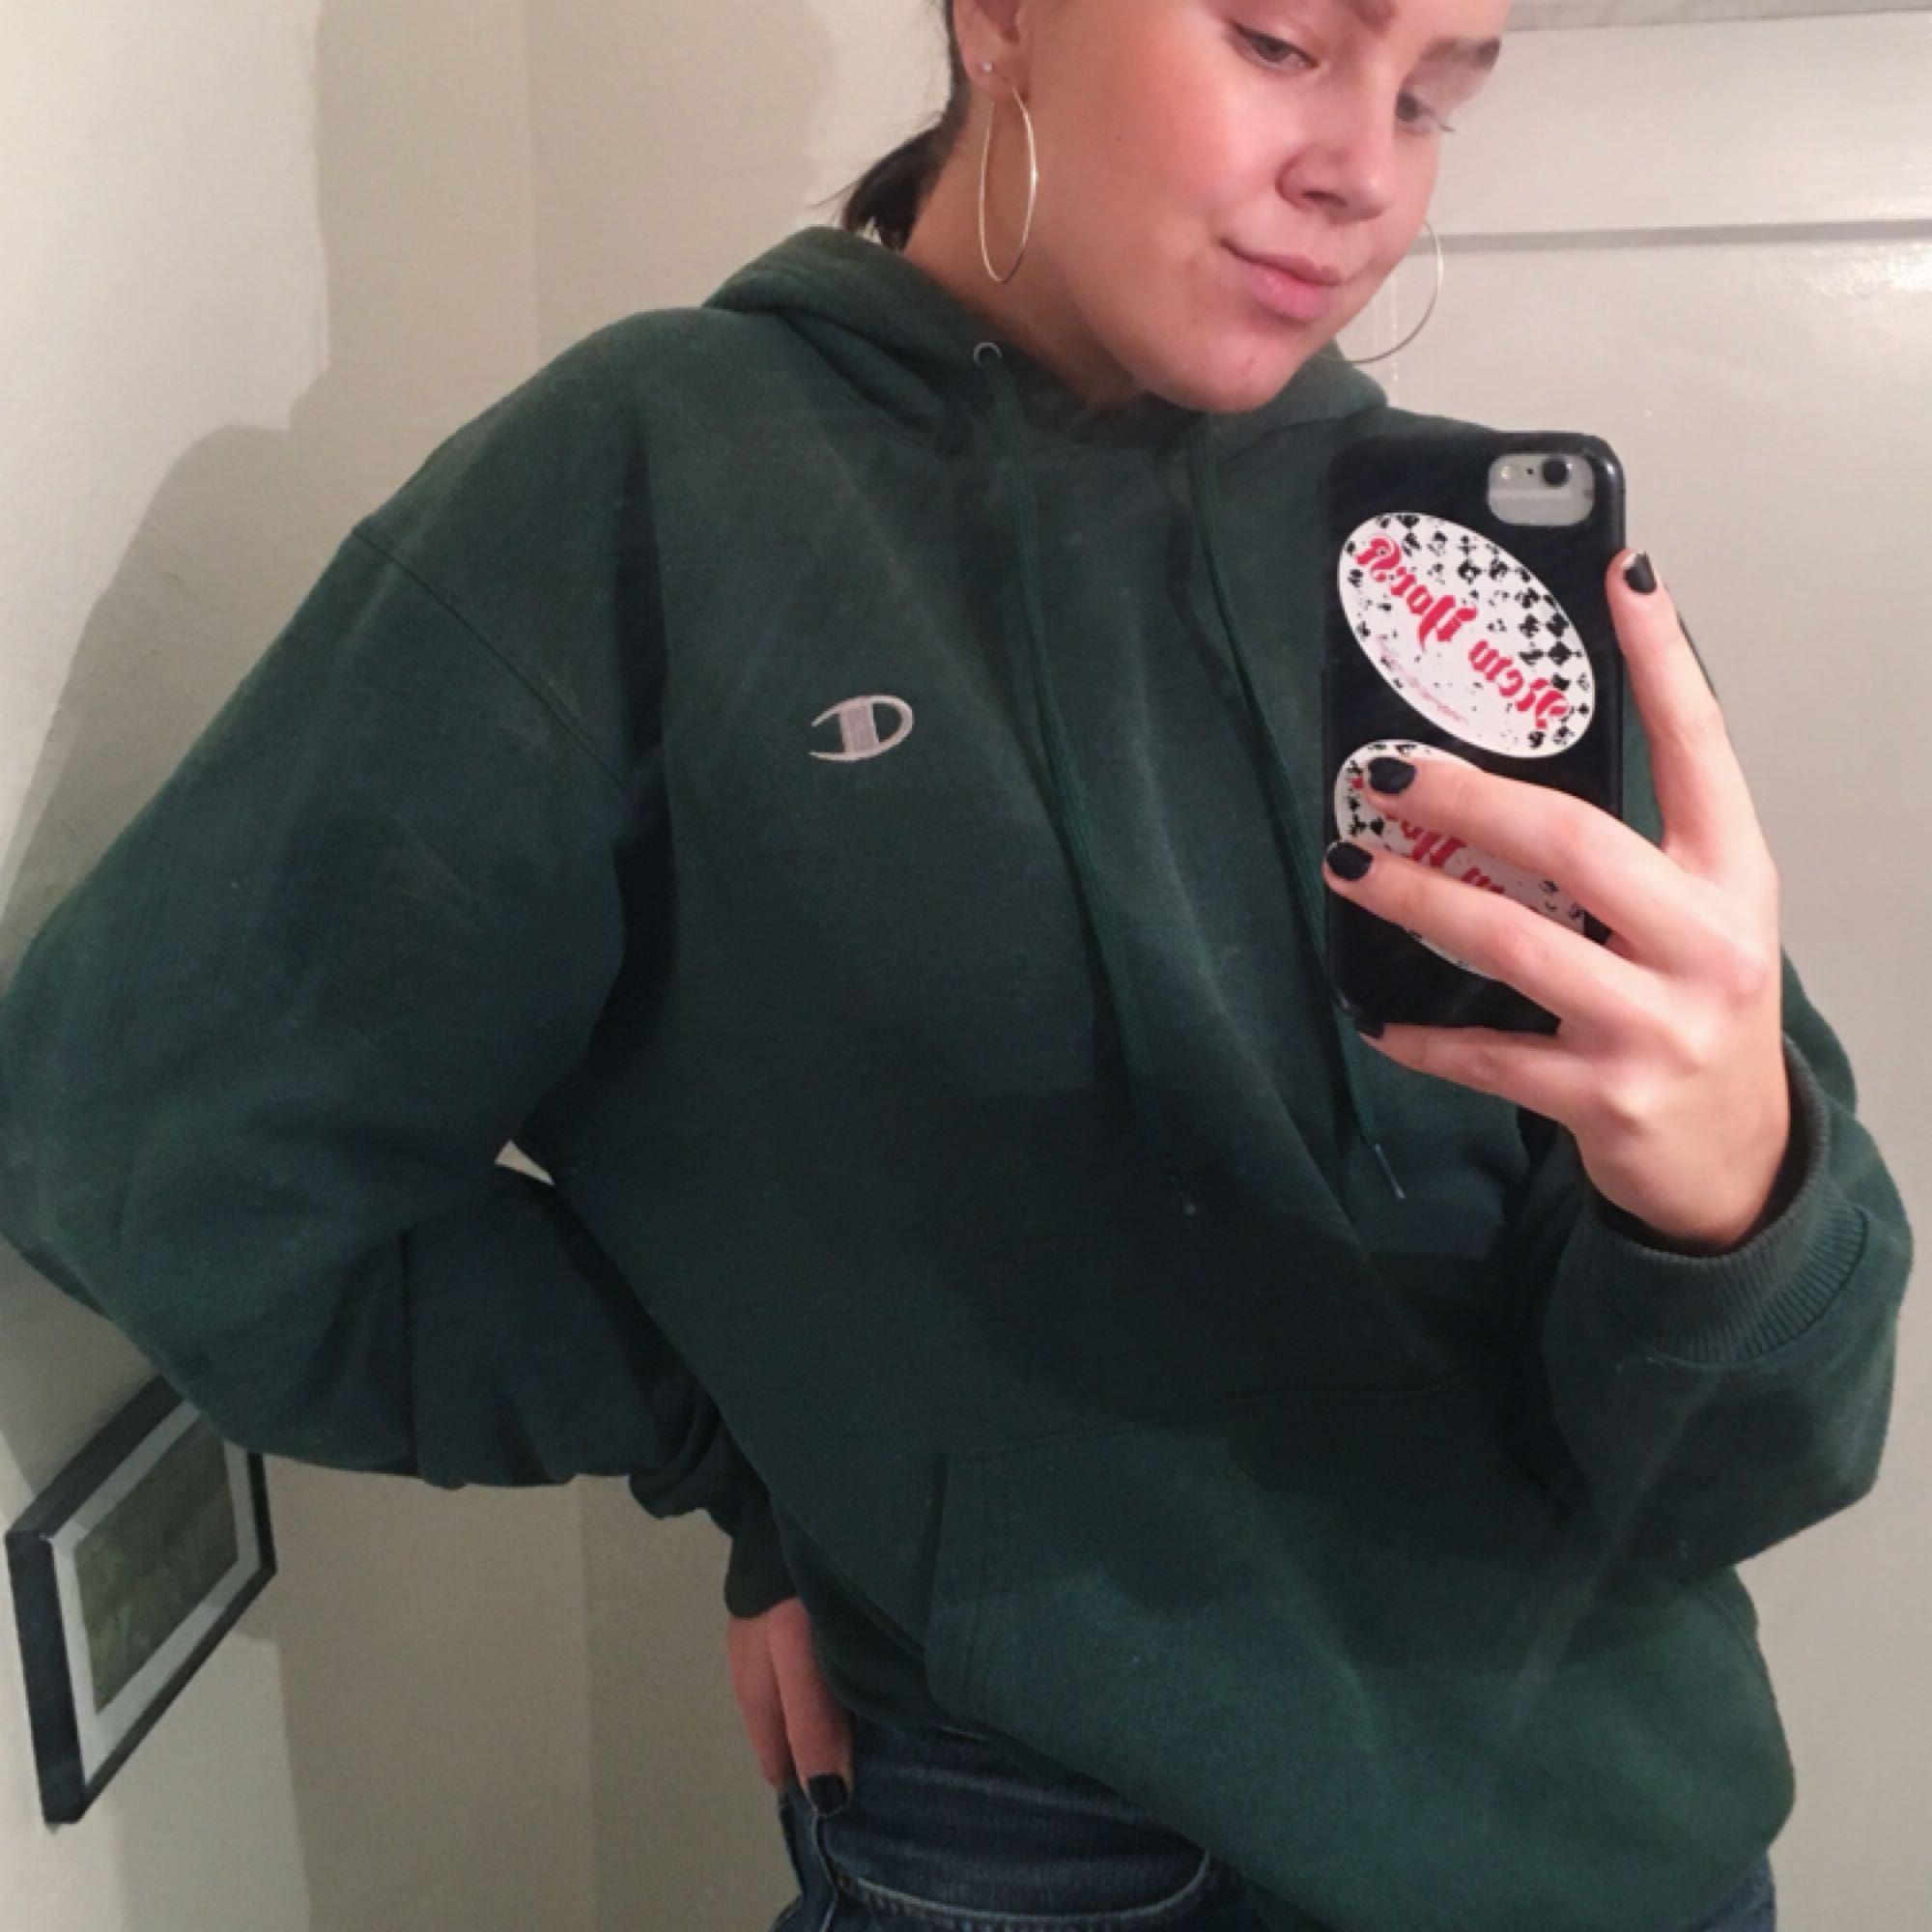 JÄTTEcool och snygg grön hoodie från Champion! Bra skick bortsätt från dem små fläckarna på ärmen som man ser på sista bilden, men tycker inte det gör något, dem är bara blekta liksom, så ser inte ofräscht ut! Har använt den massor, men nu måste jag få mer plats i garderoben!! Skynda fynda!!. Huvtröjor & Träningströjor.